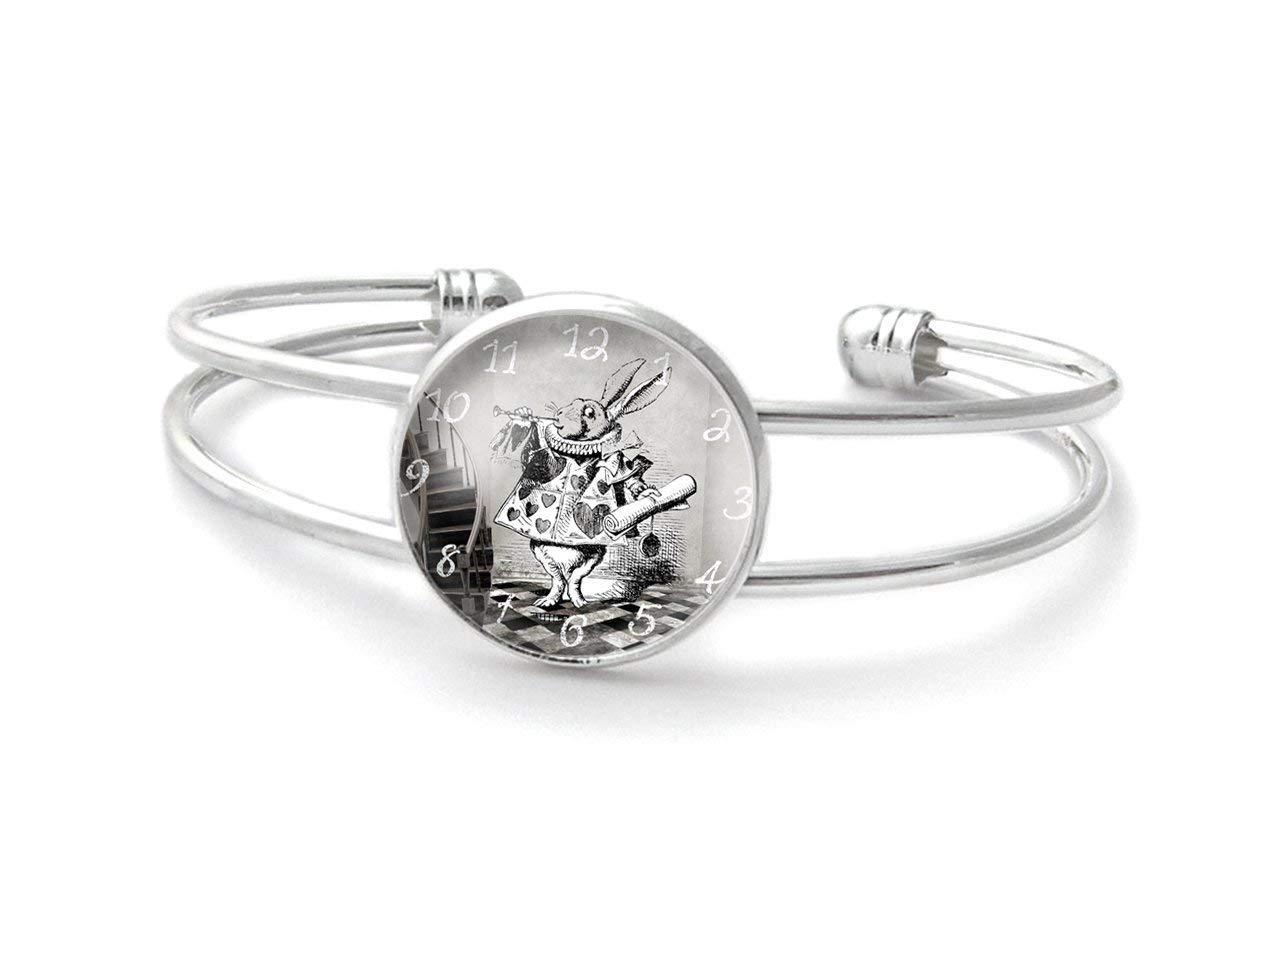 Armband mit cabochon /° Das wei/ße Kaninchen /°